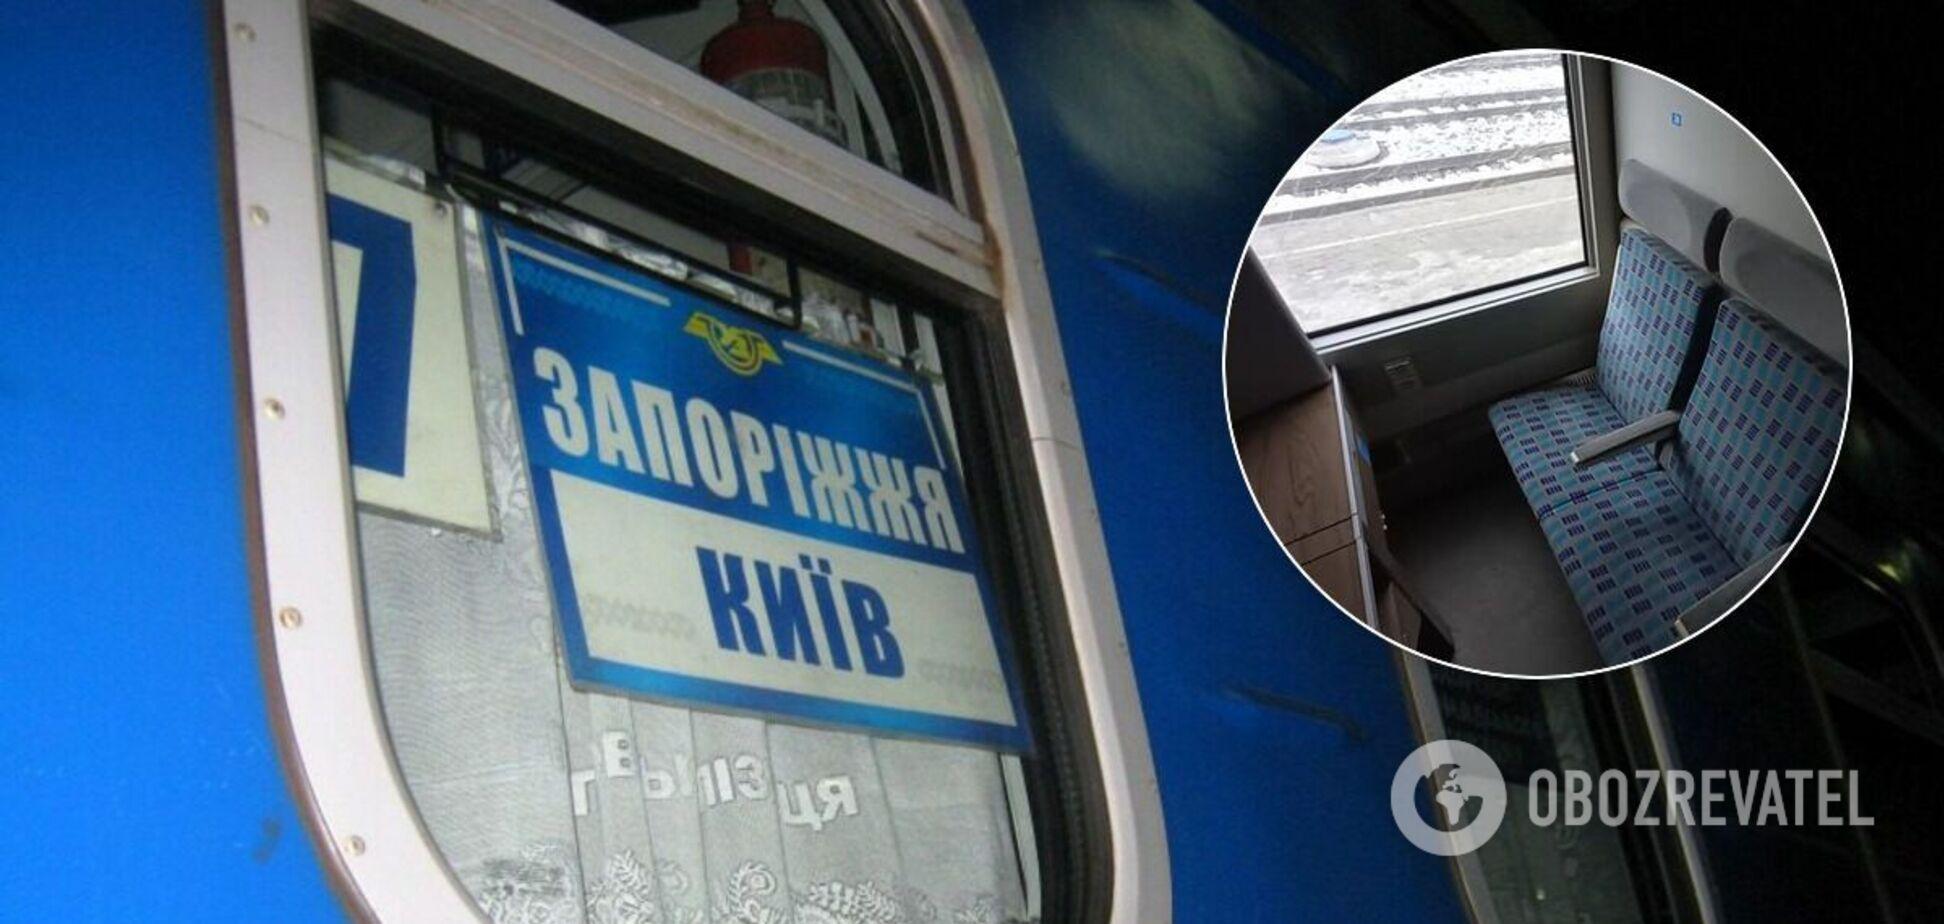 В сети показали элитное купе в поезде 'Укрзалізниці' с душем и туалетом. Фото